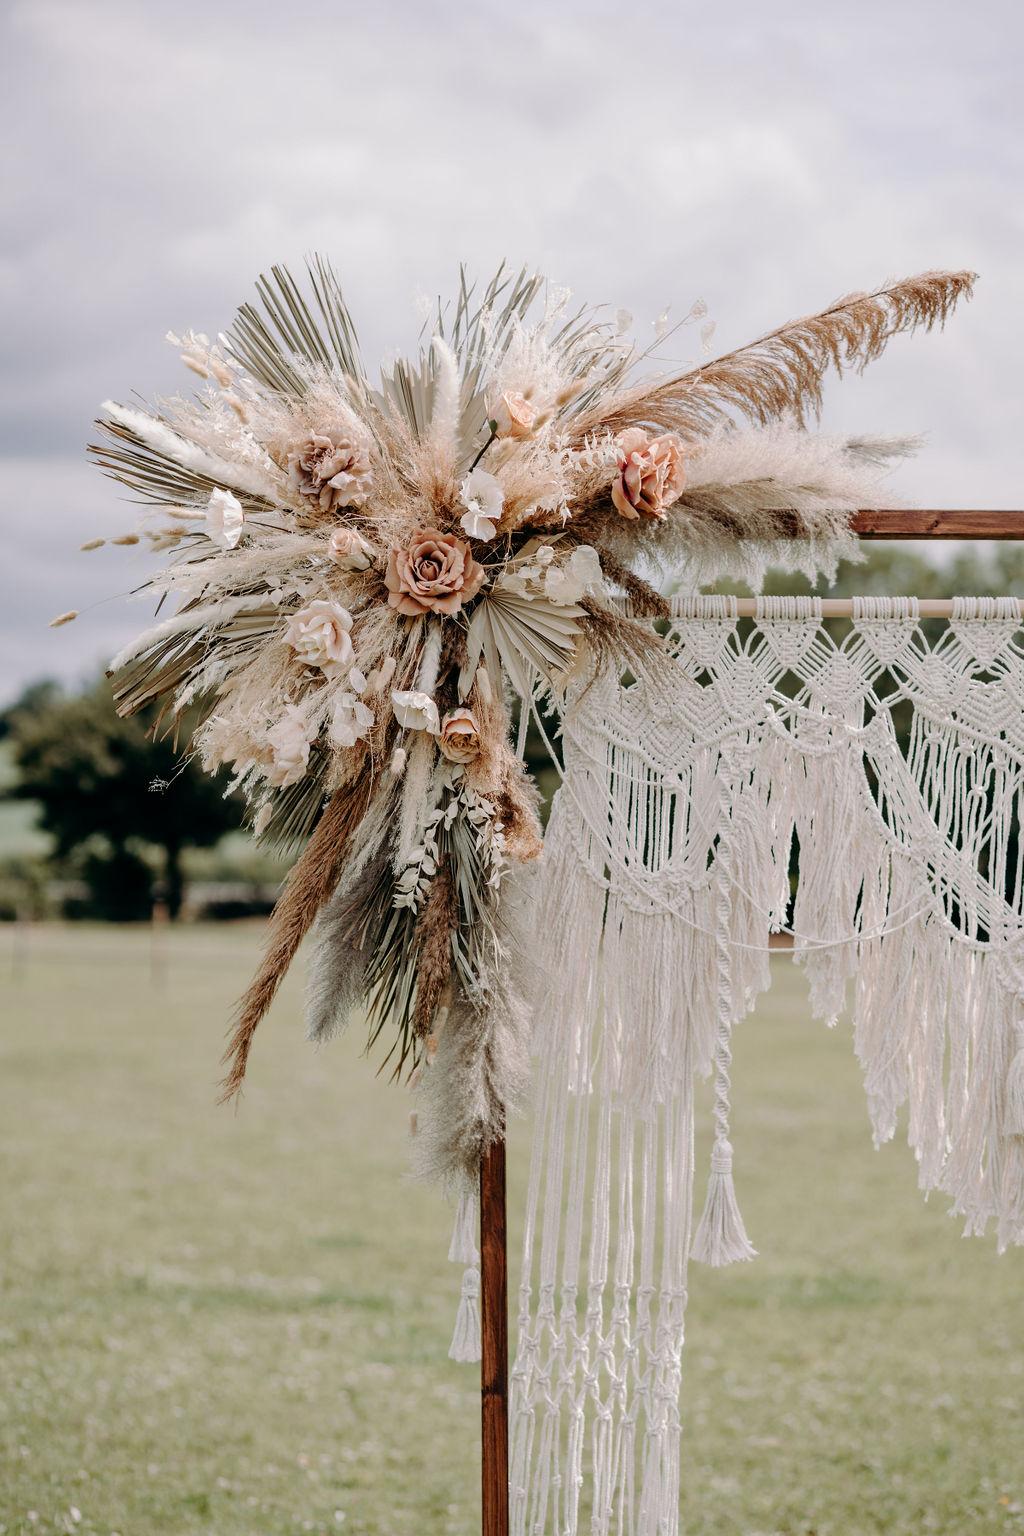 boho wedding flowers - sustainable wedding flowers - wedding macrame - unconventional wedding